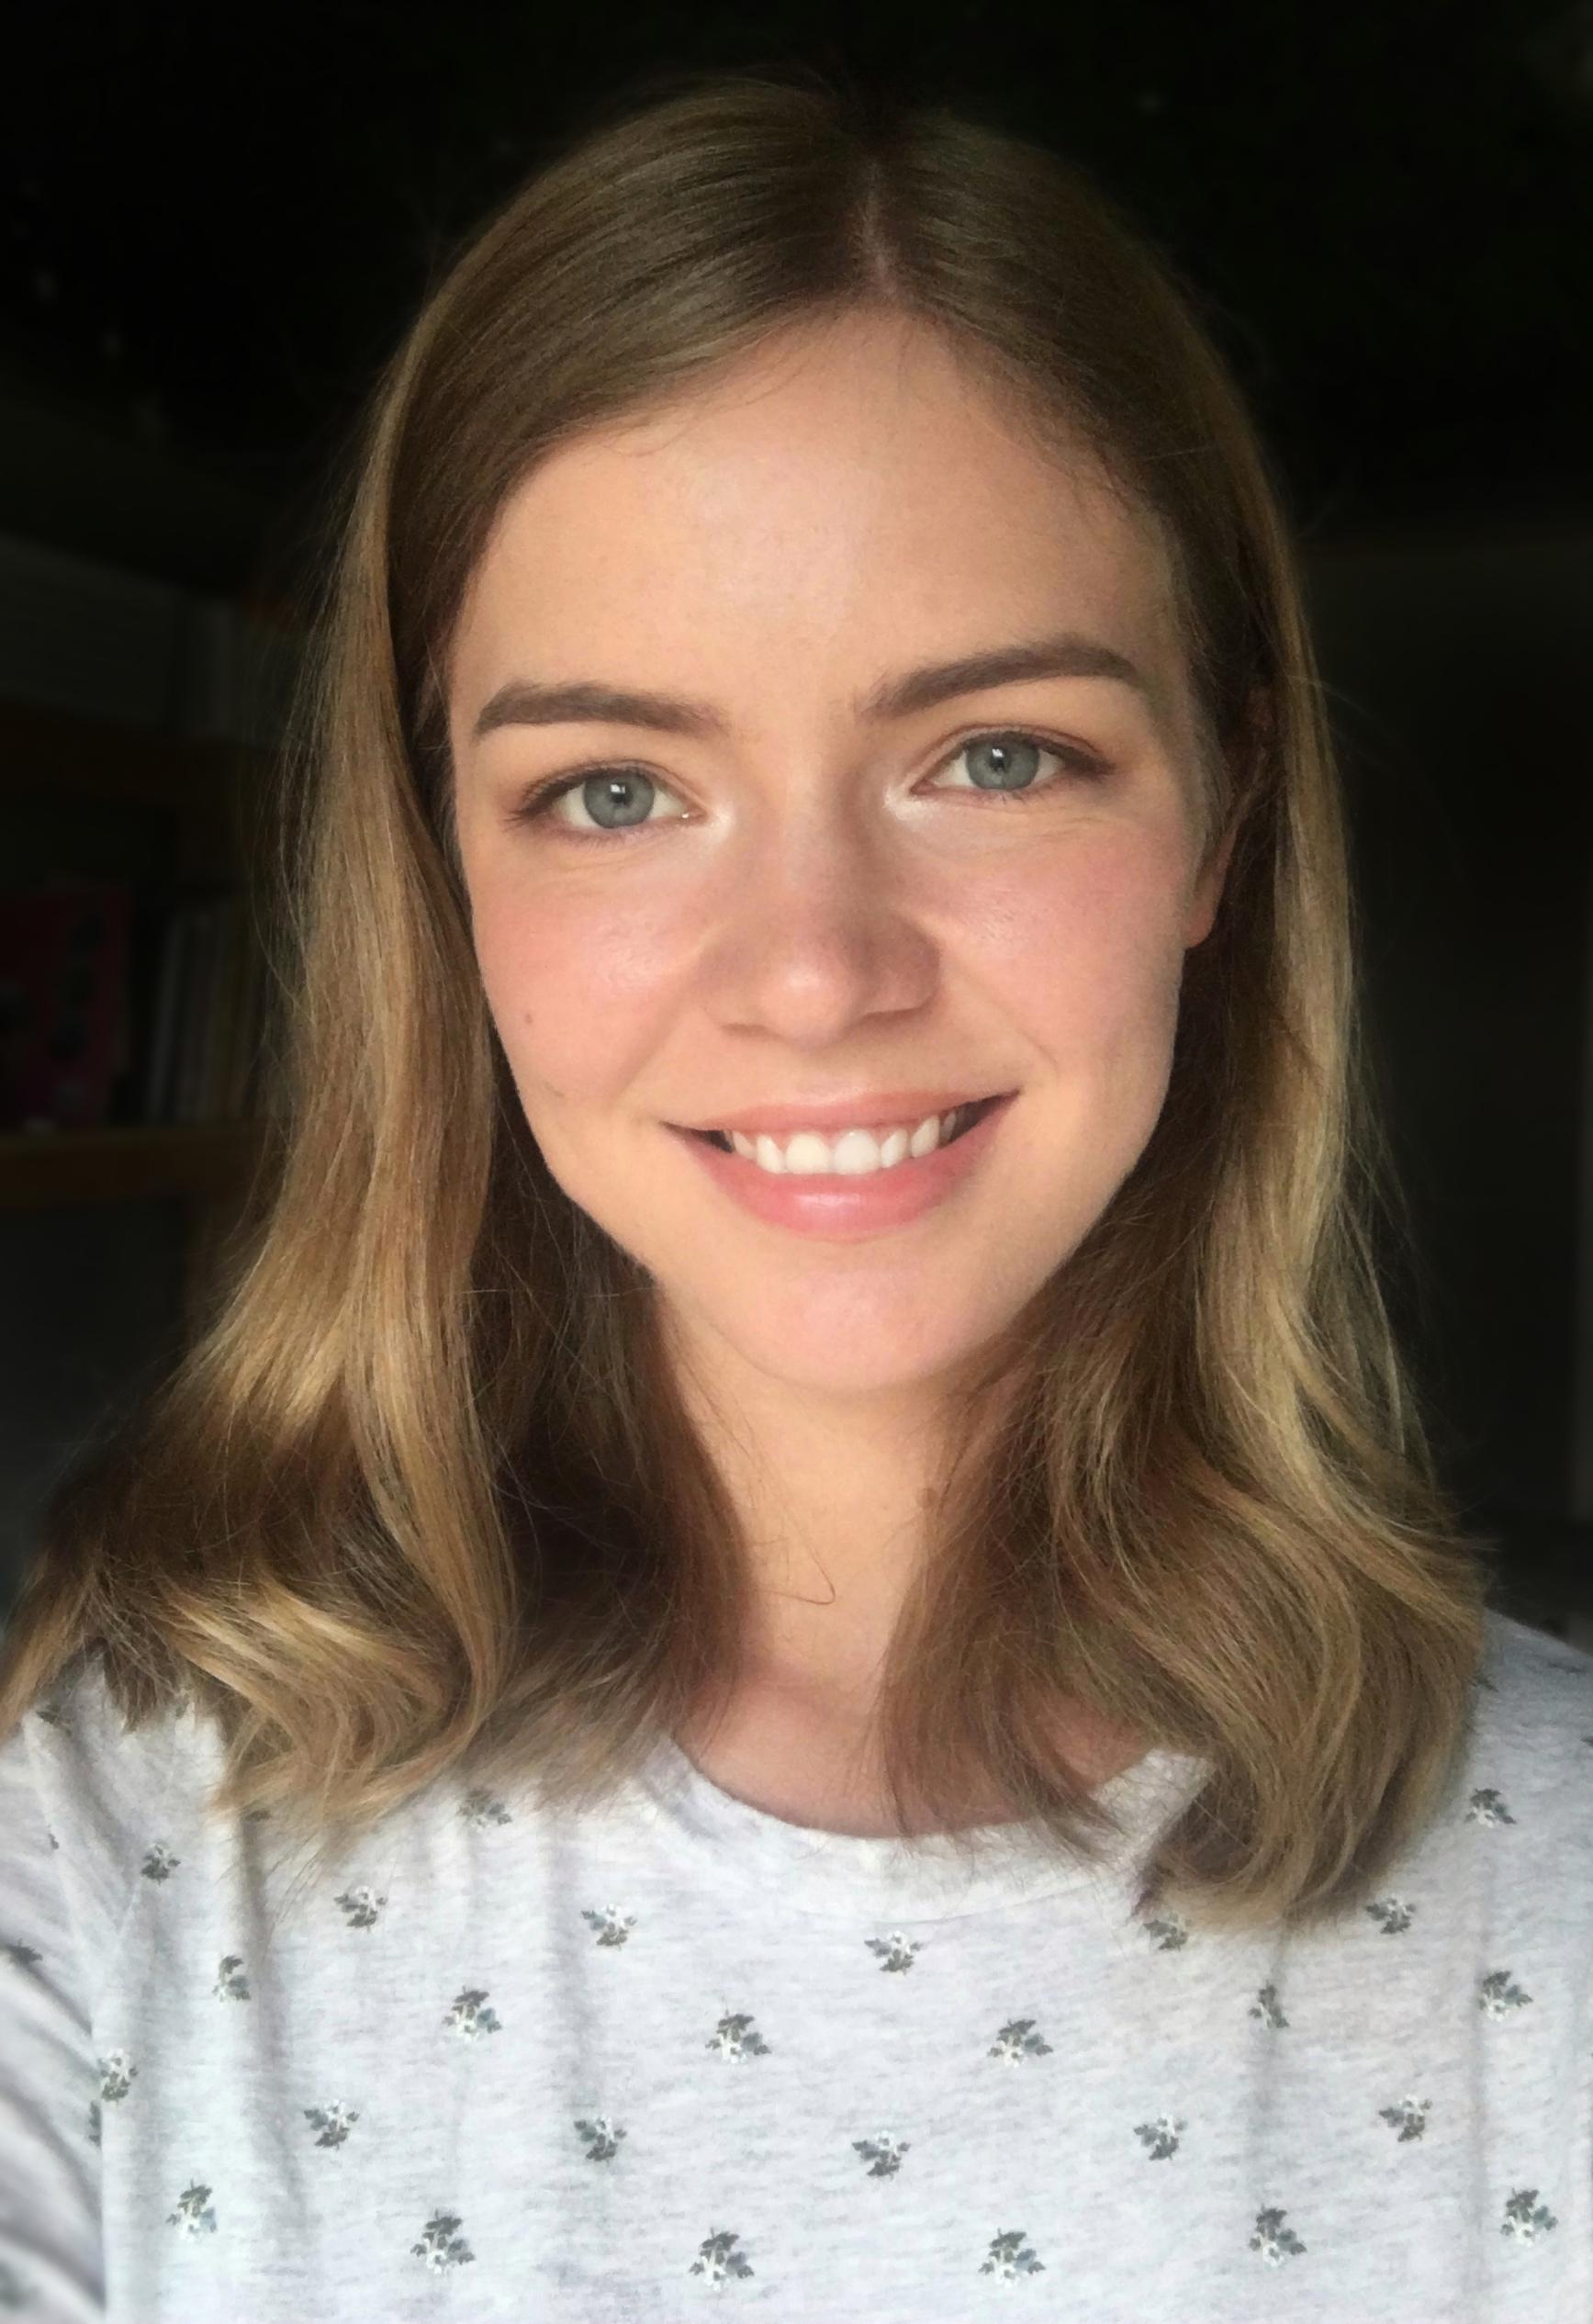 Gillian Adrianne Wagenaar